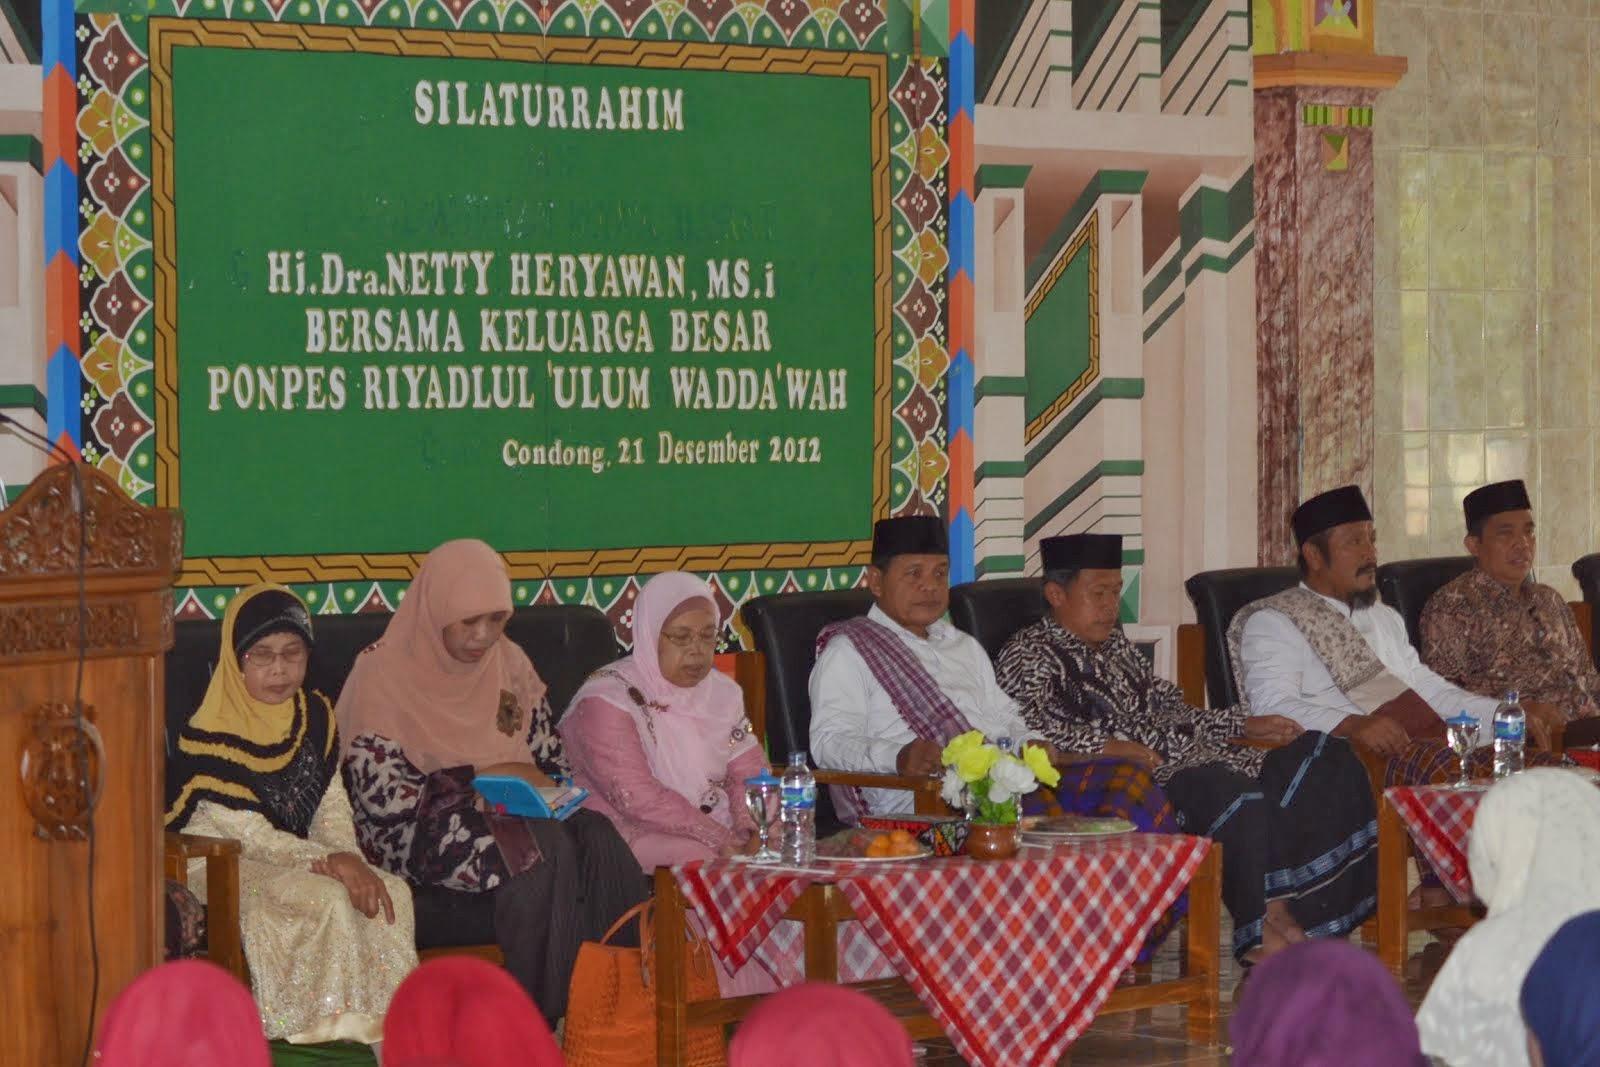 Istri Gubernur Jawa Barat